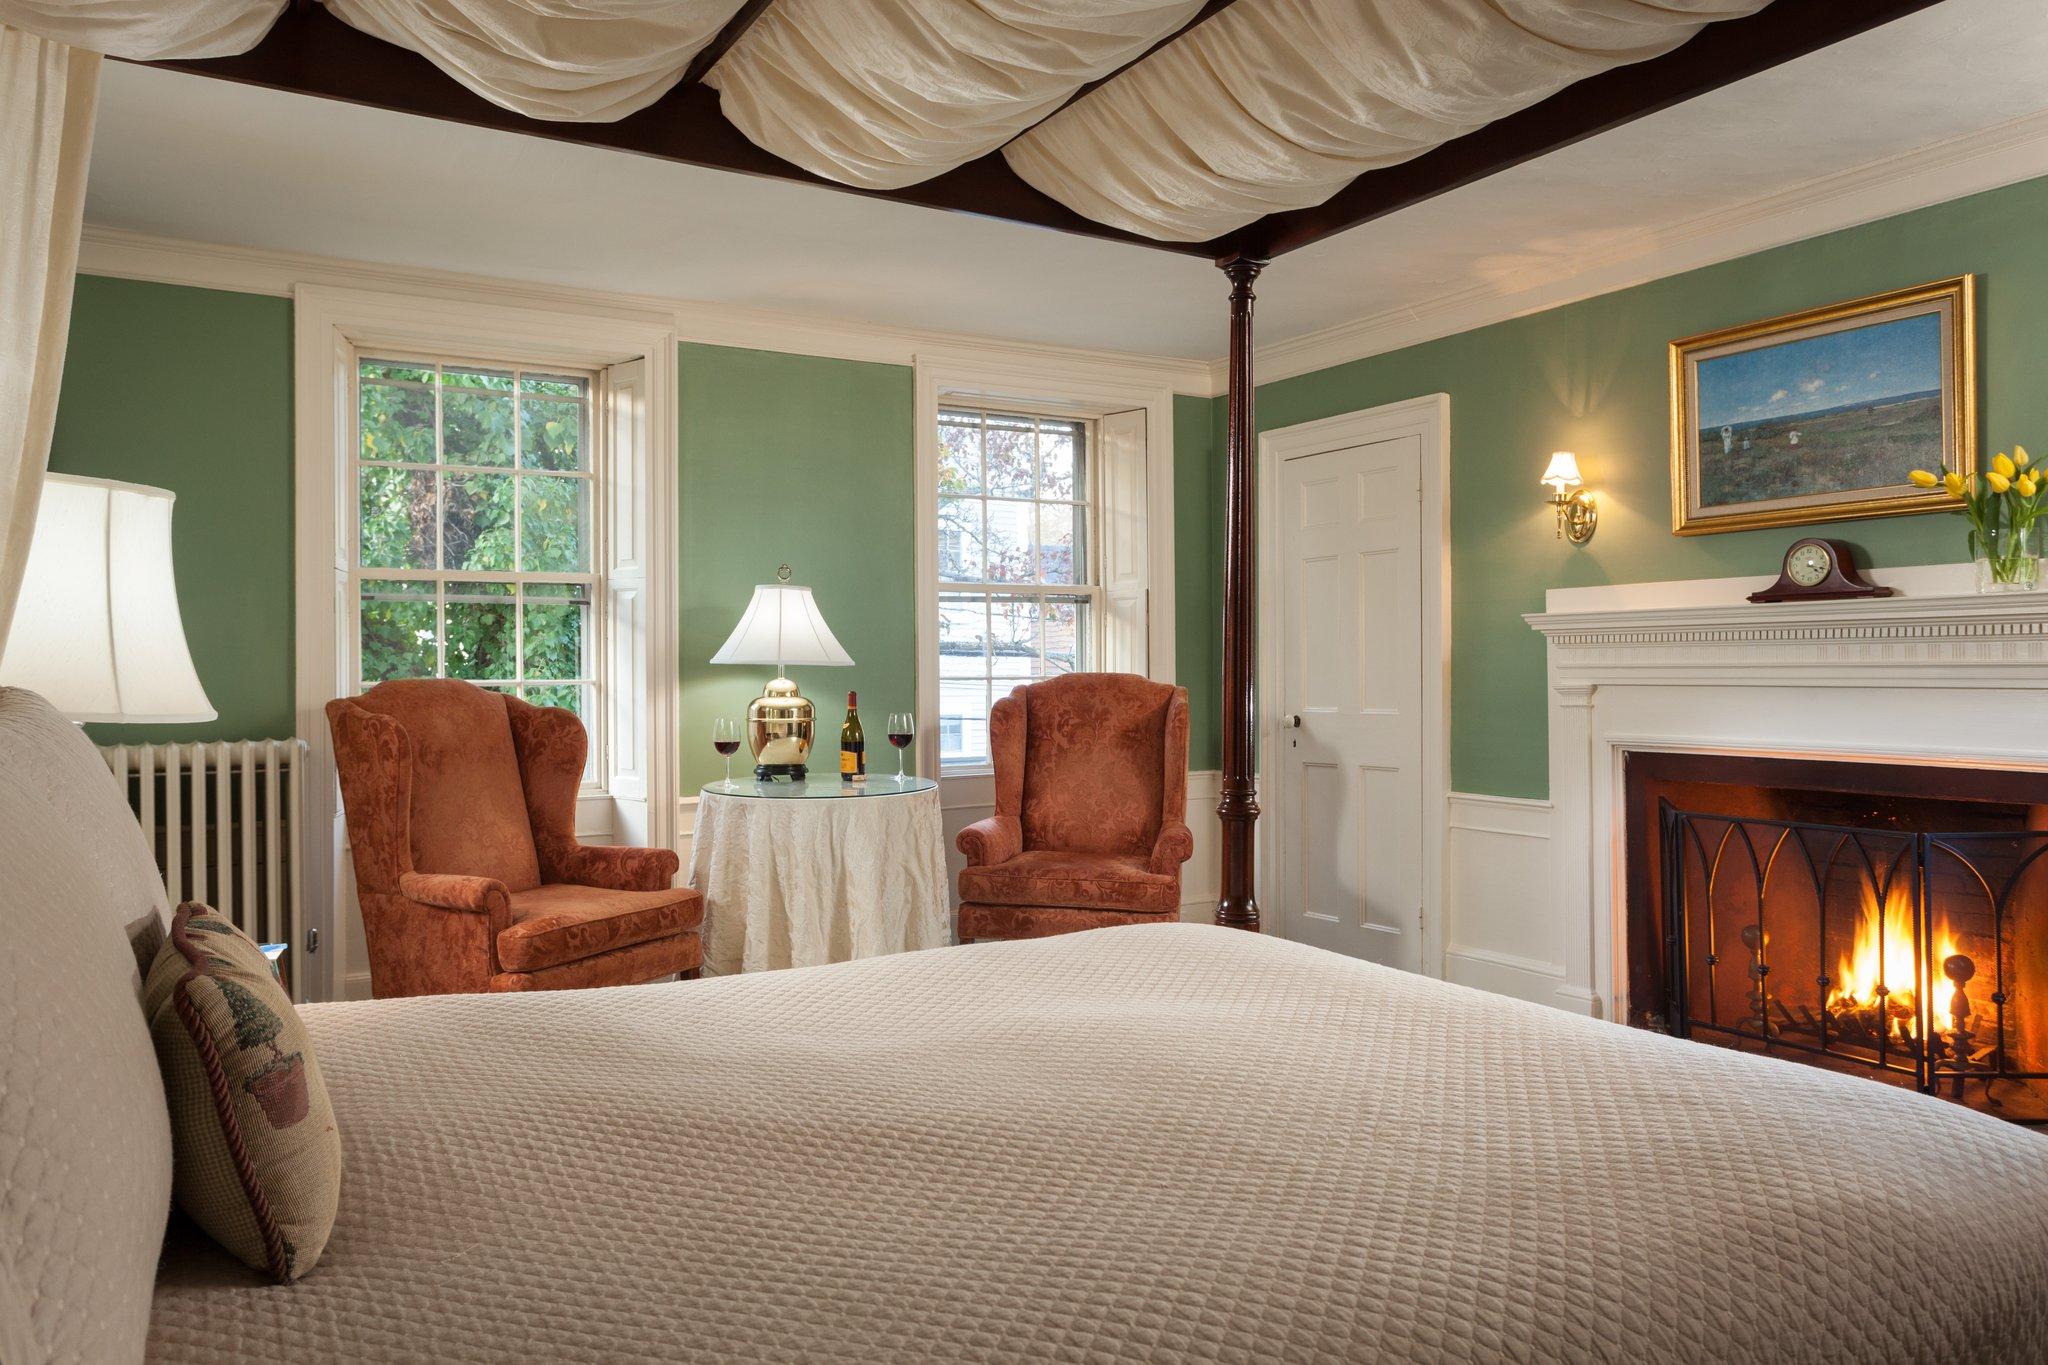 Harbor Light Inn Room